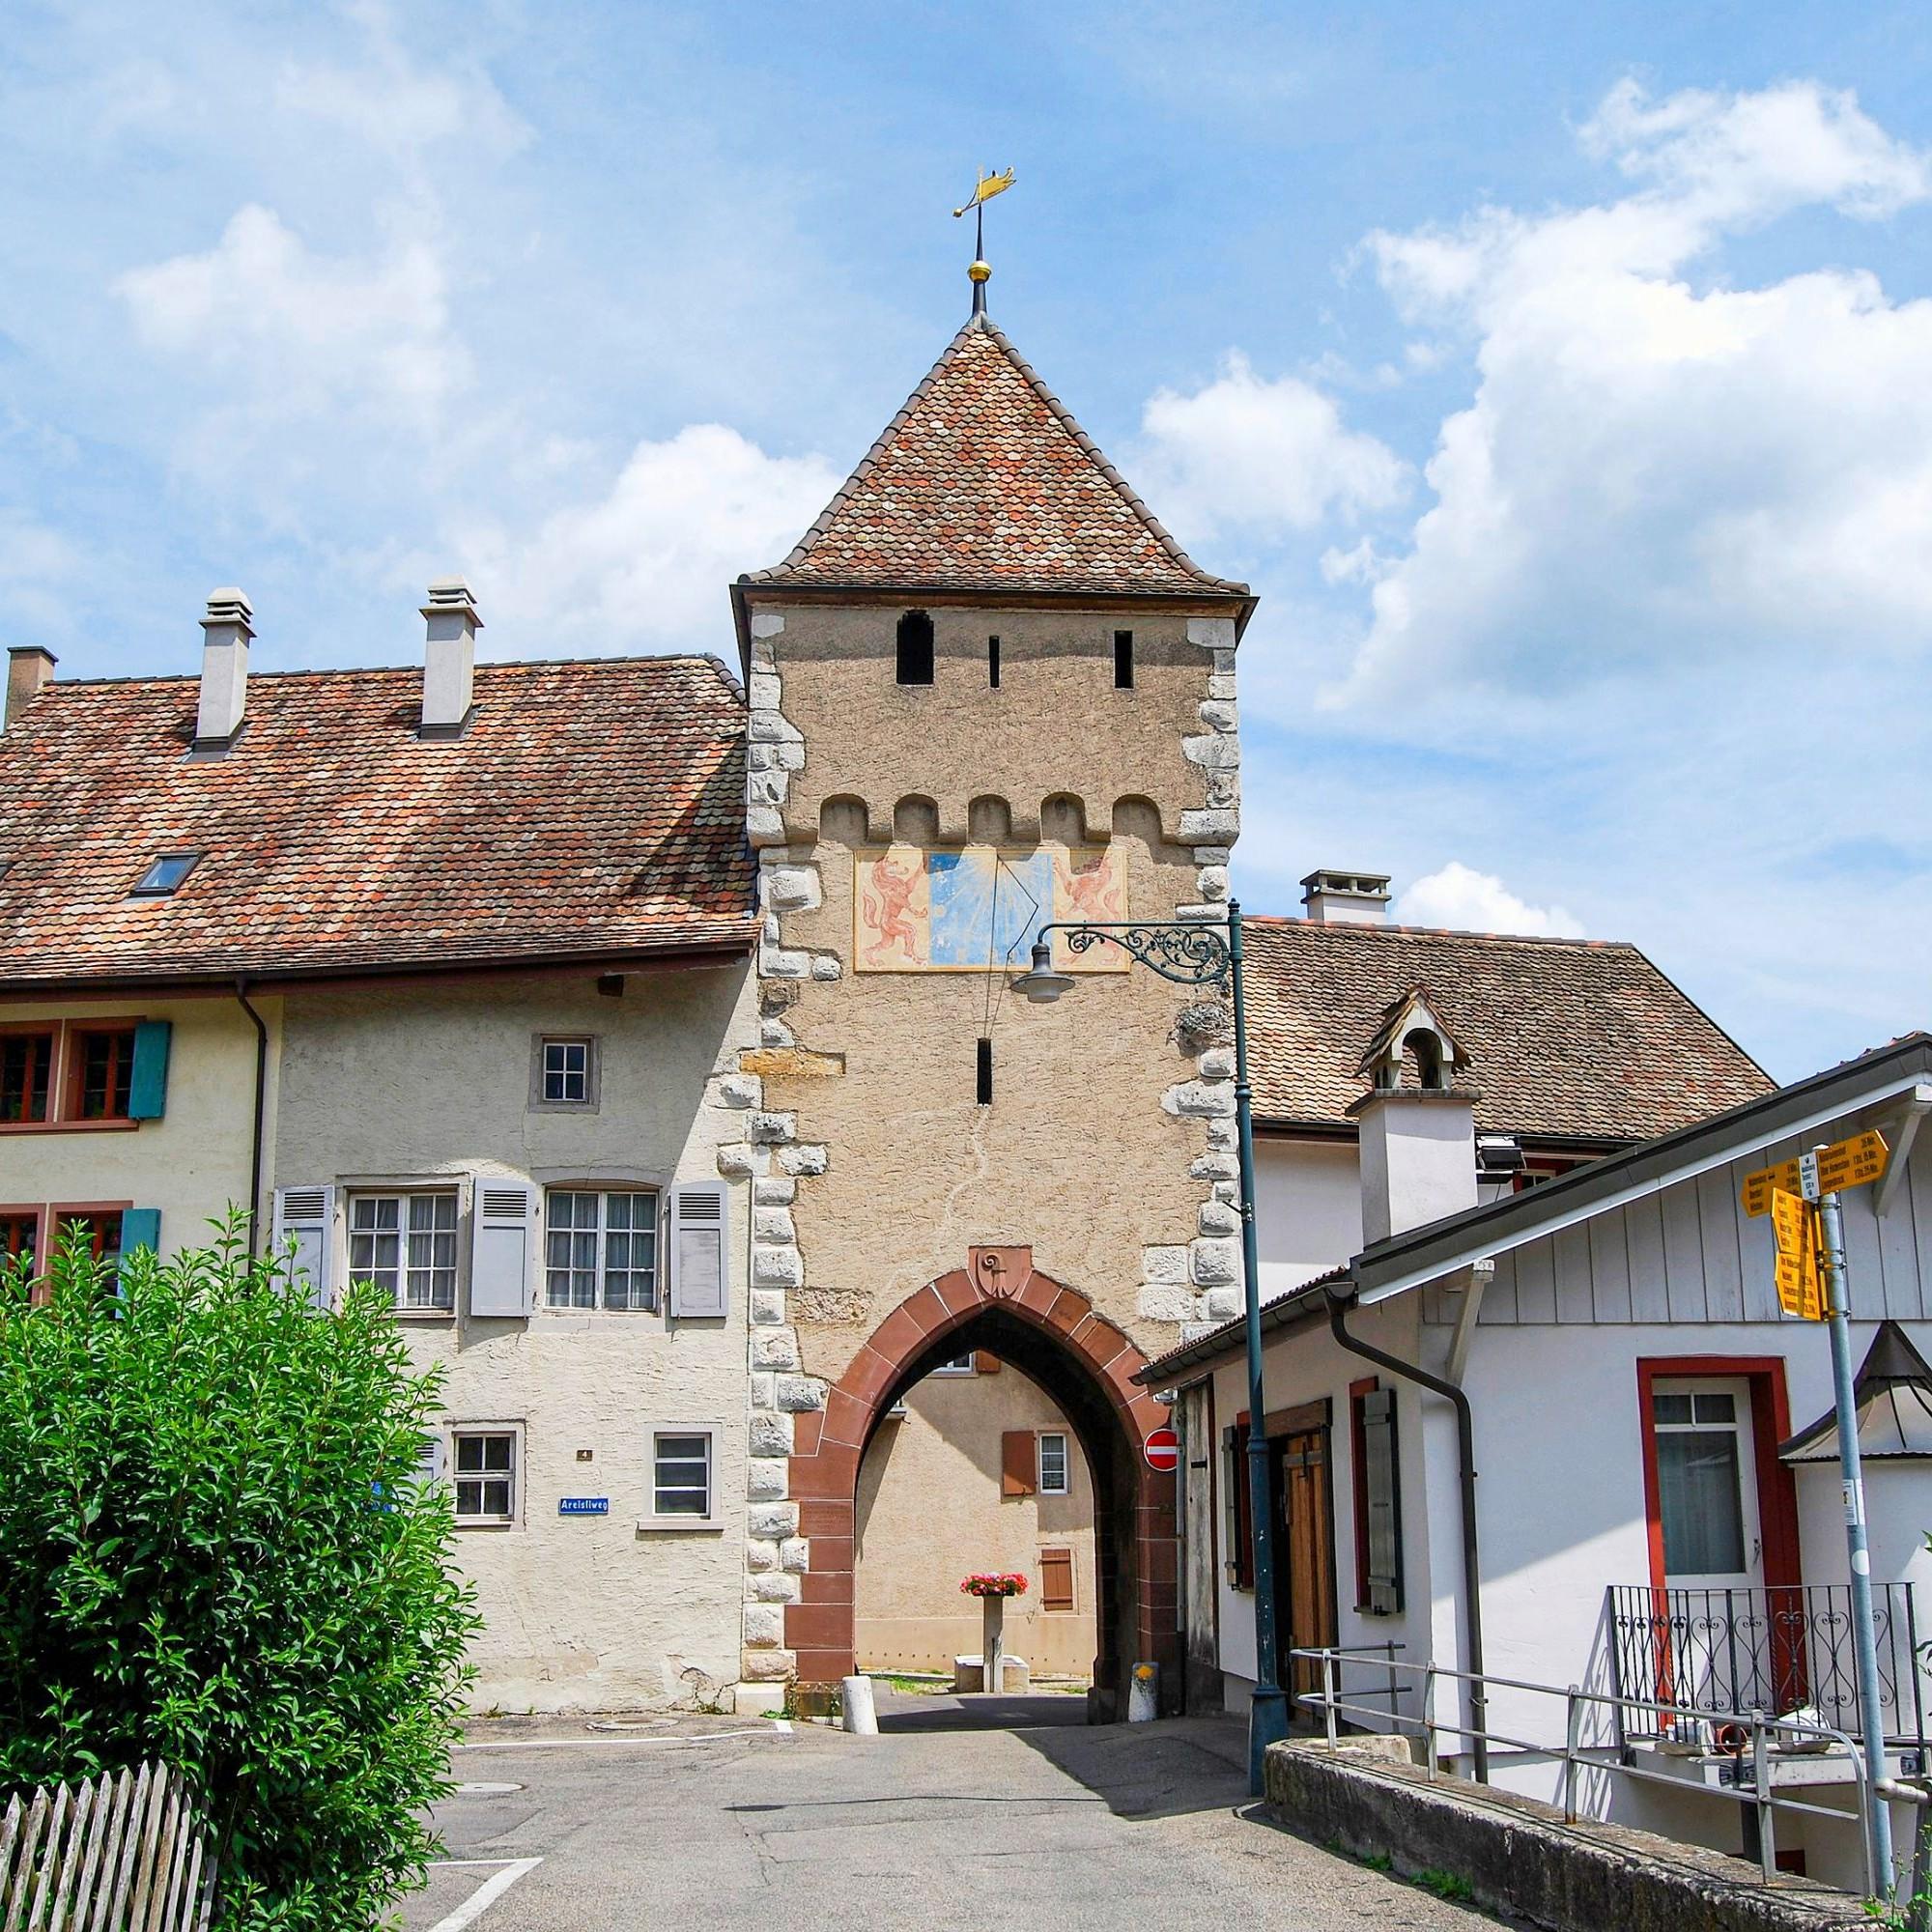 Historische Altstadt Waldenburg